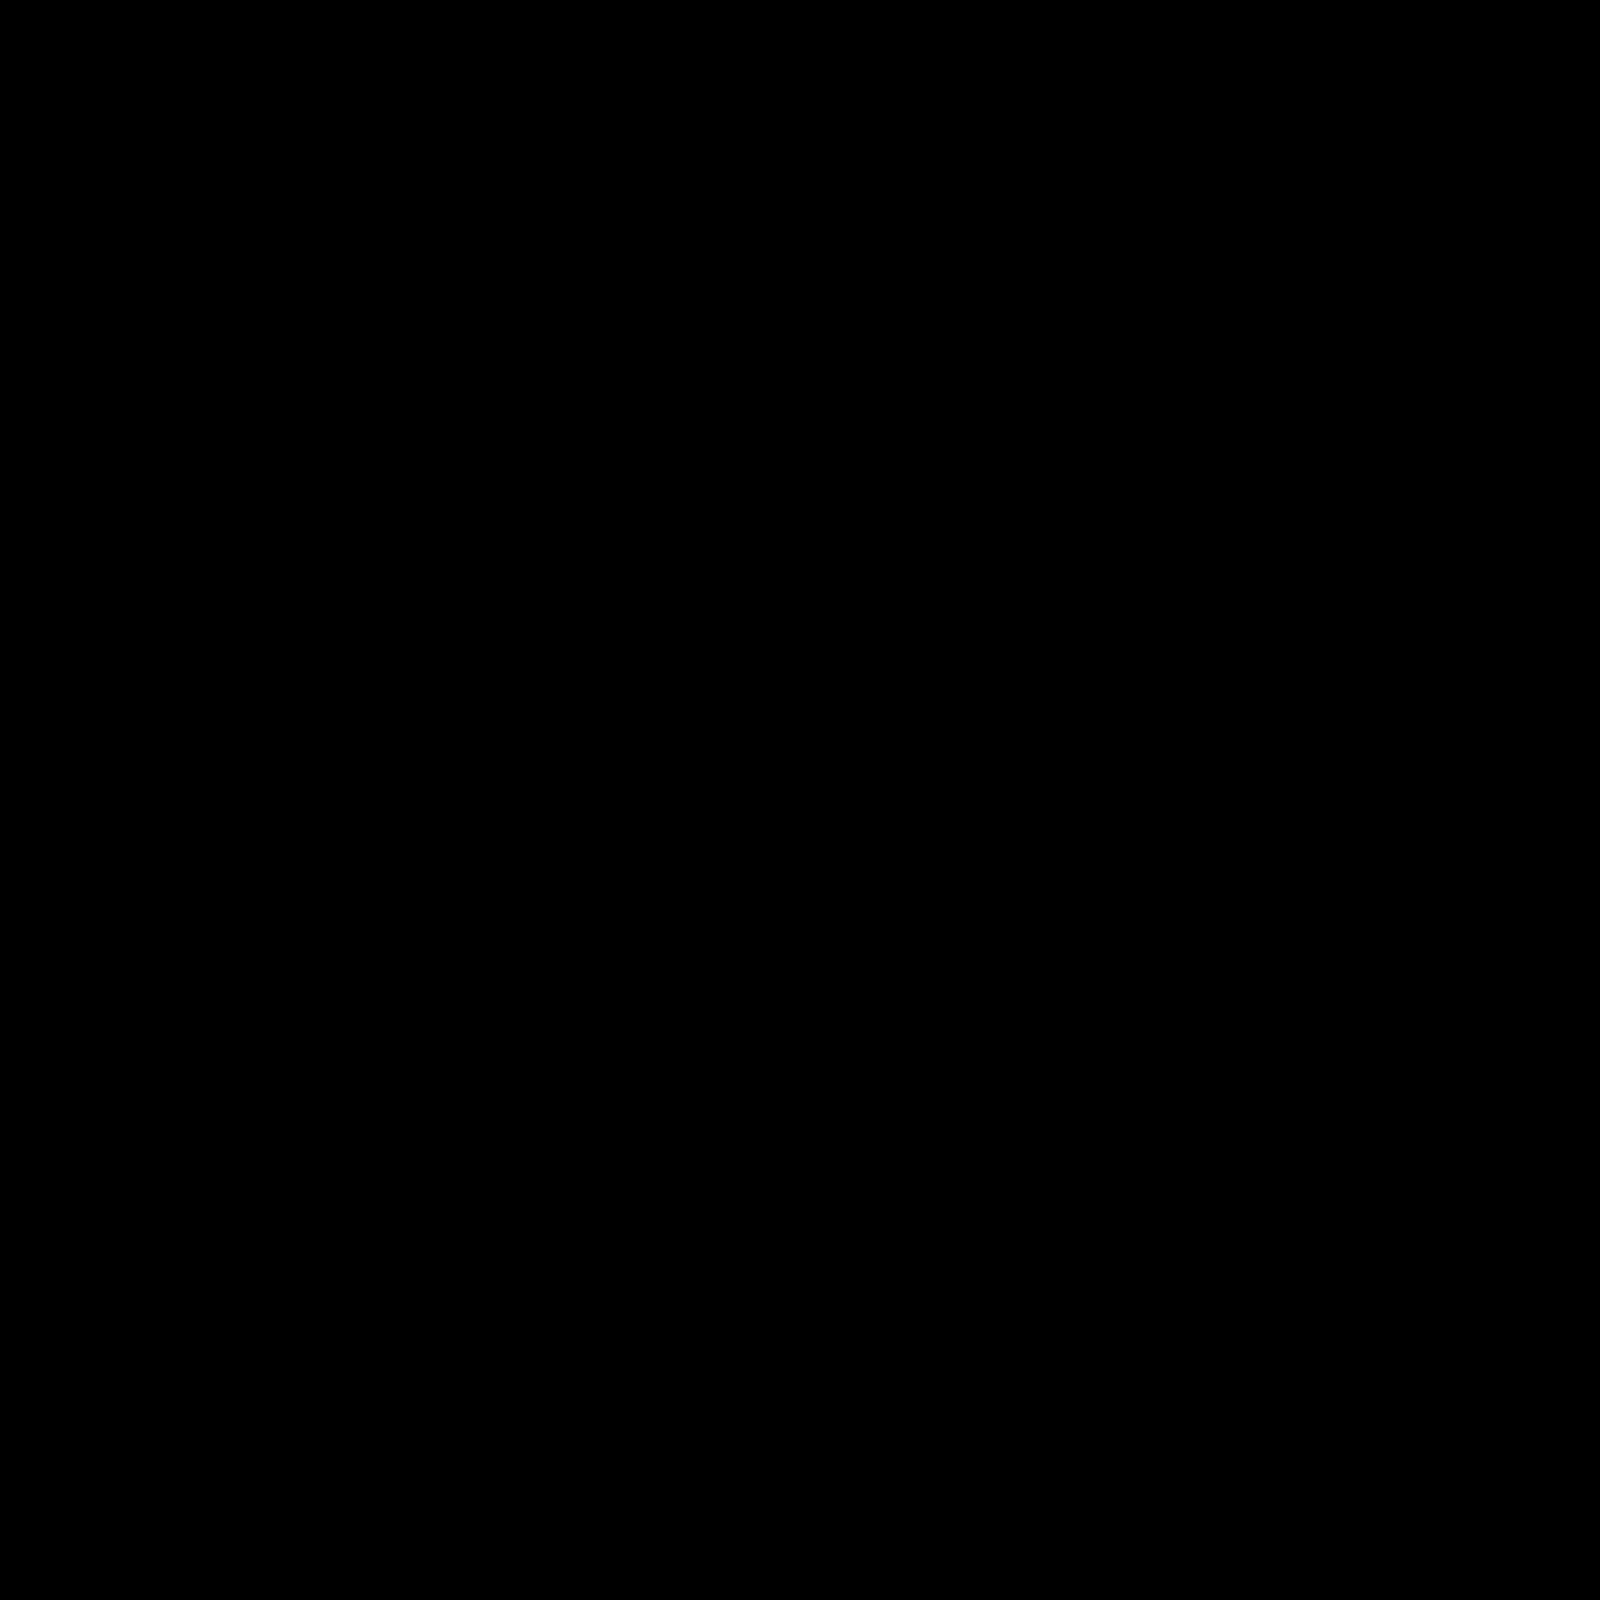 calendar icons - PNG For Calendar